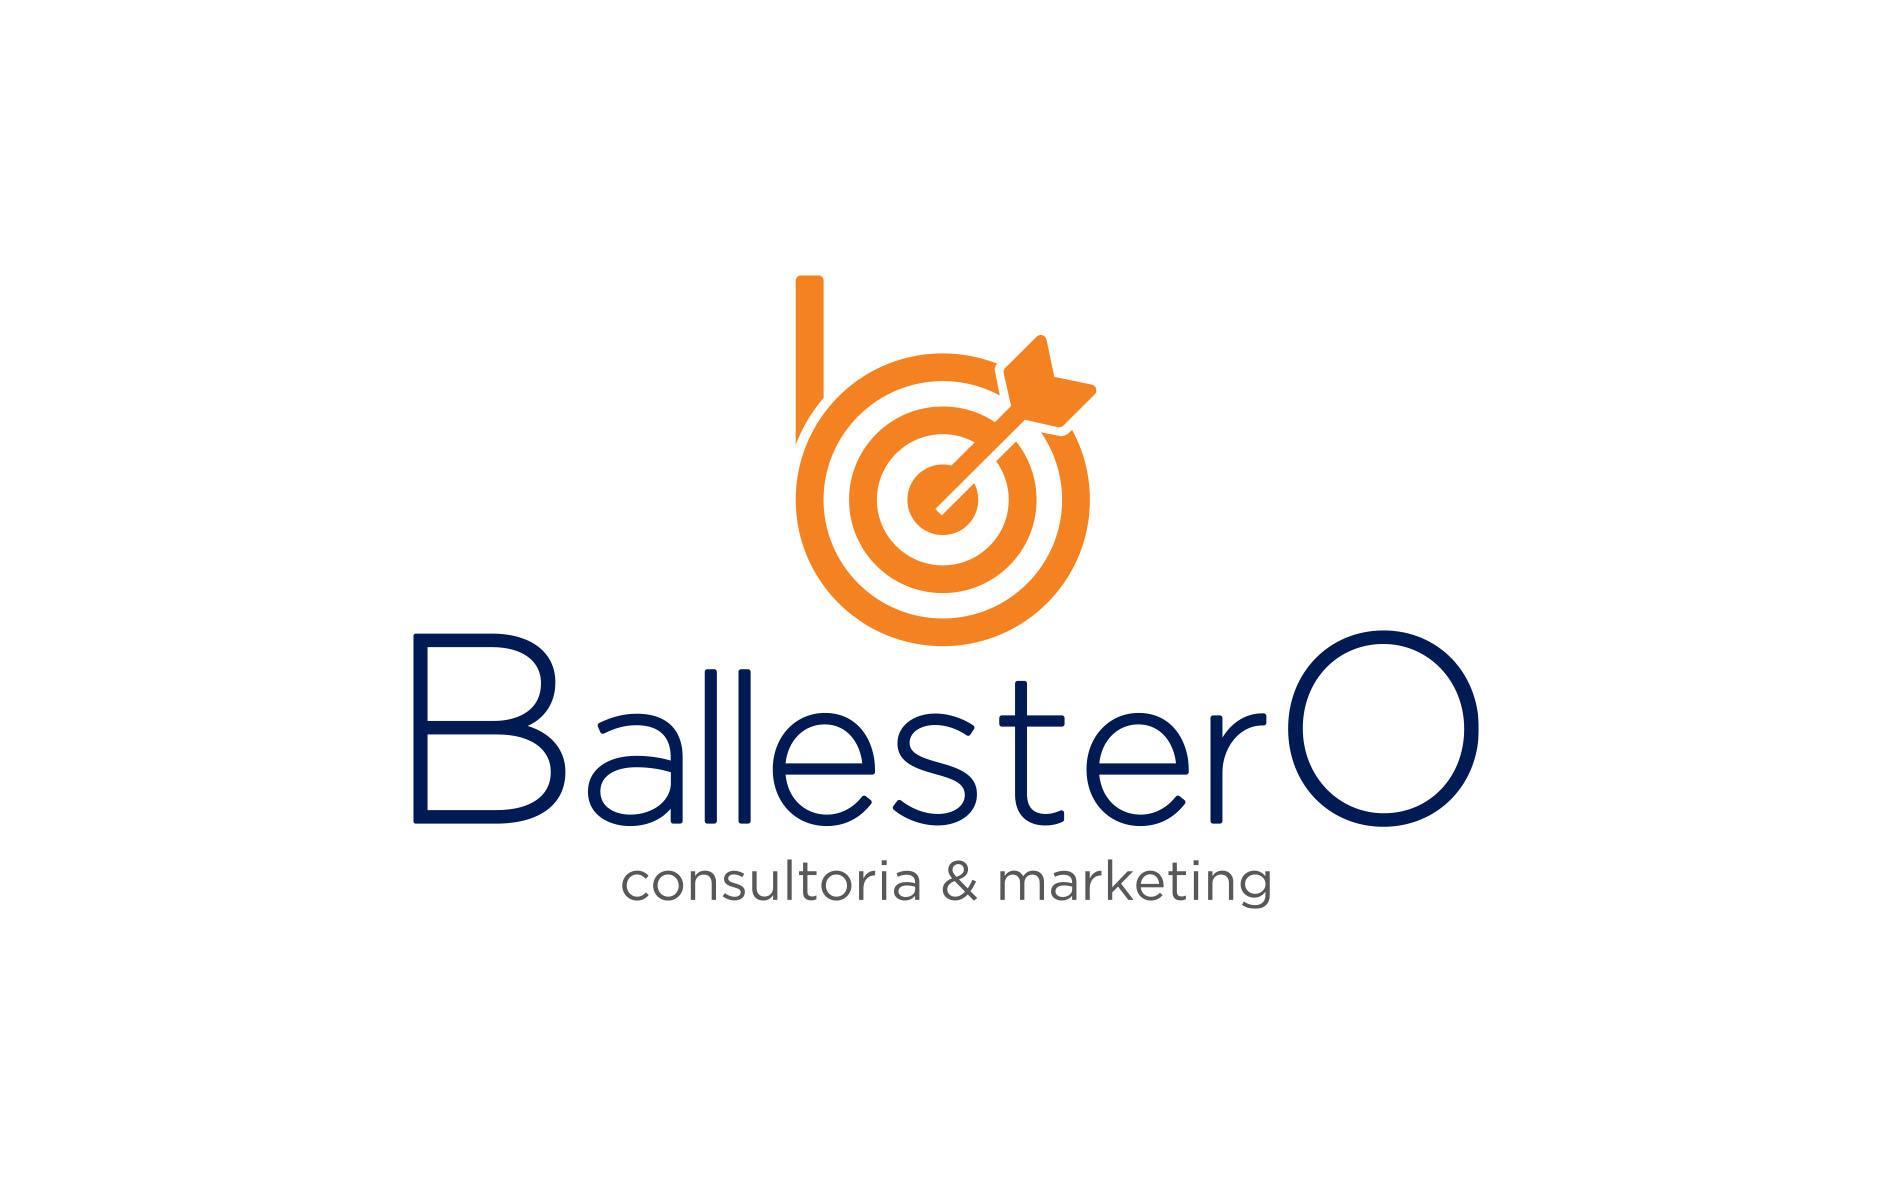 ballestero-03a-behance